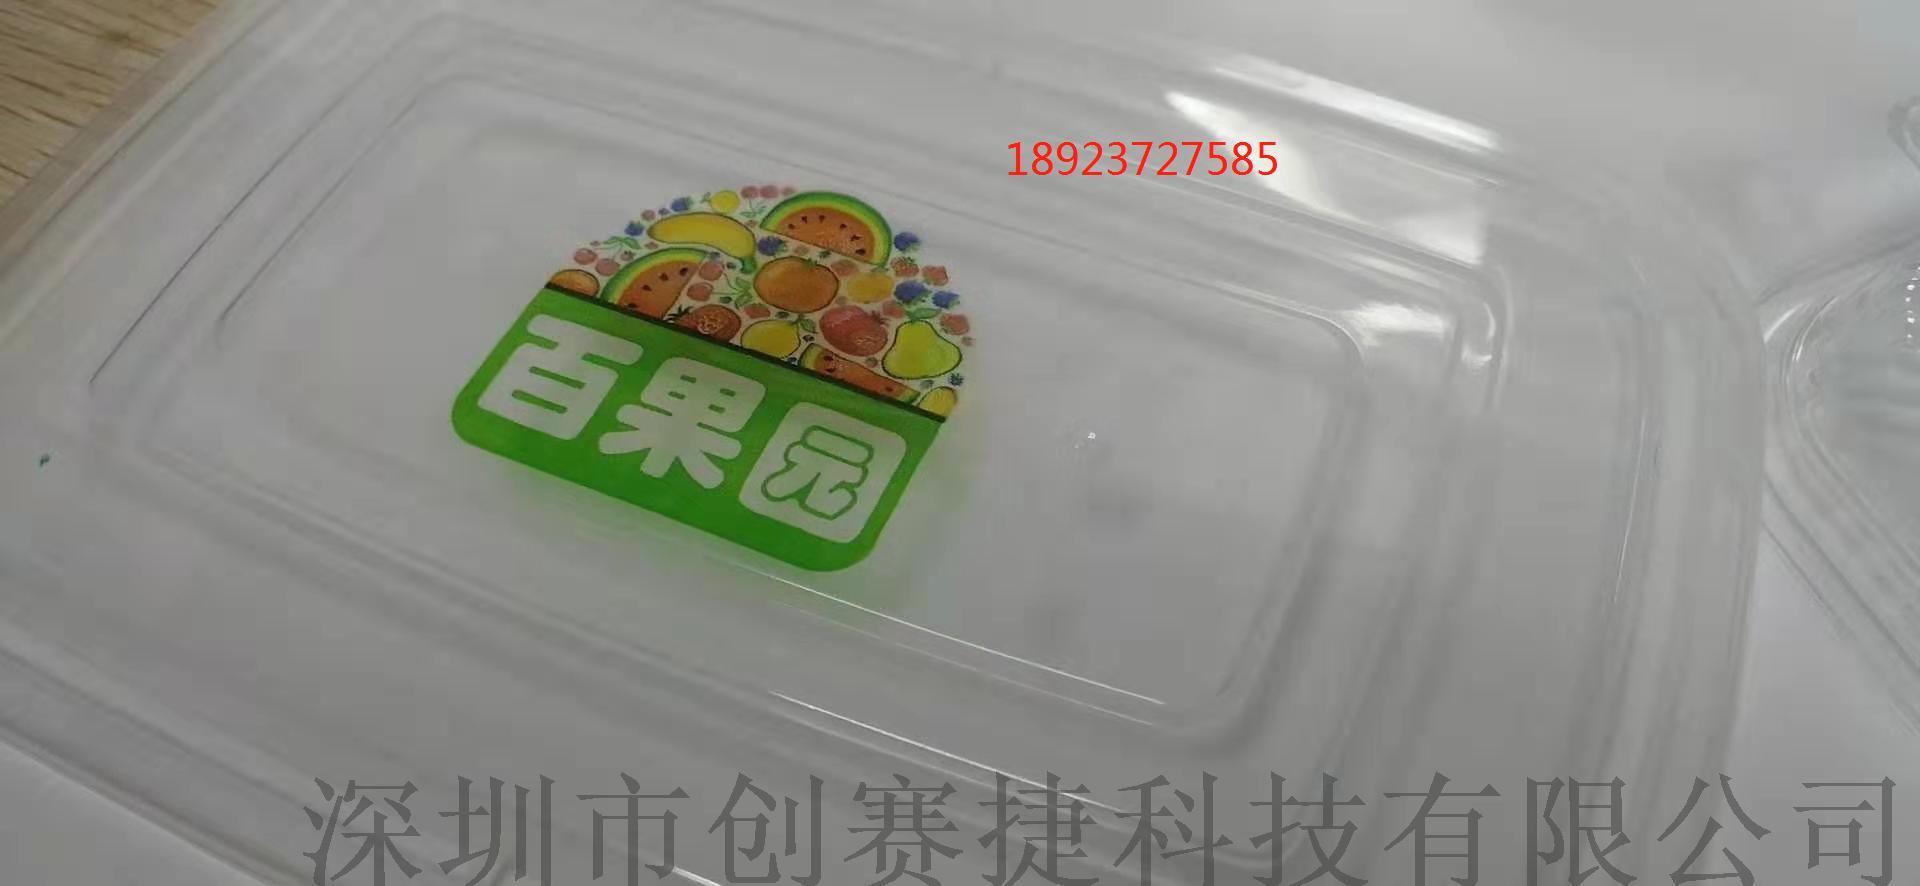 深圳外 餐盒印刷机一次性餐盒打标机创赛捷138153685